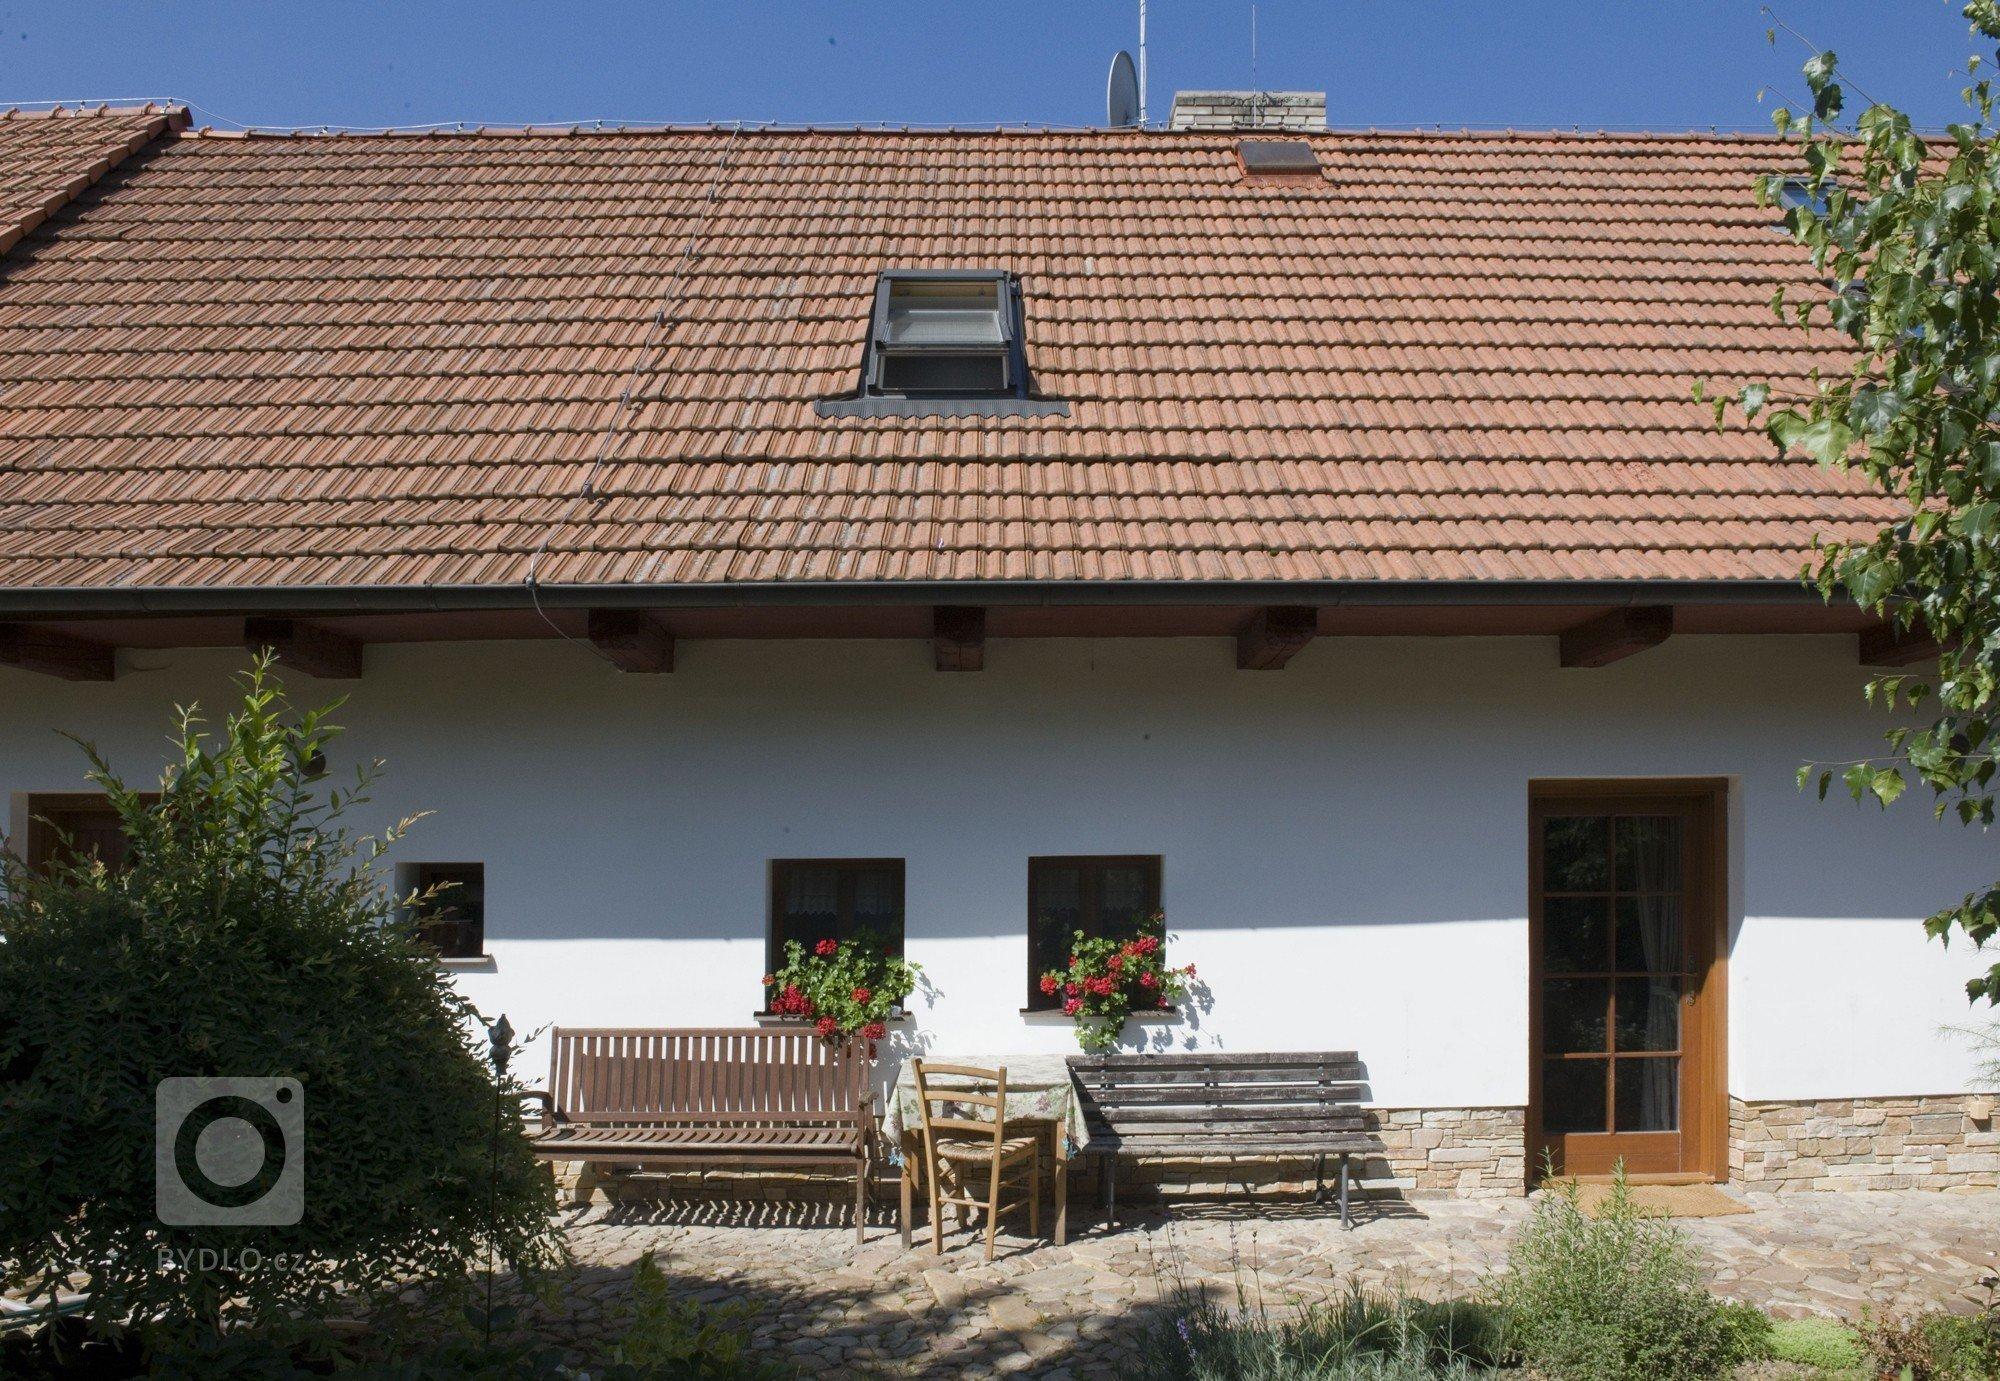 Citlivárekonstrukcečástečně kamennéhovesnického domuz první republiky